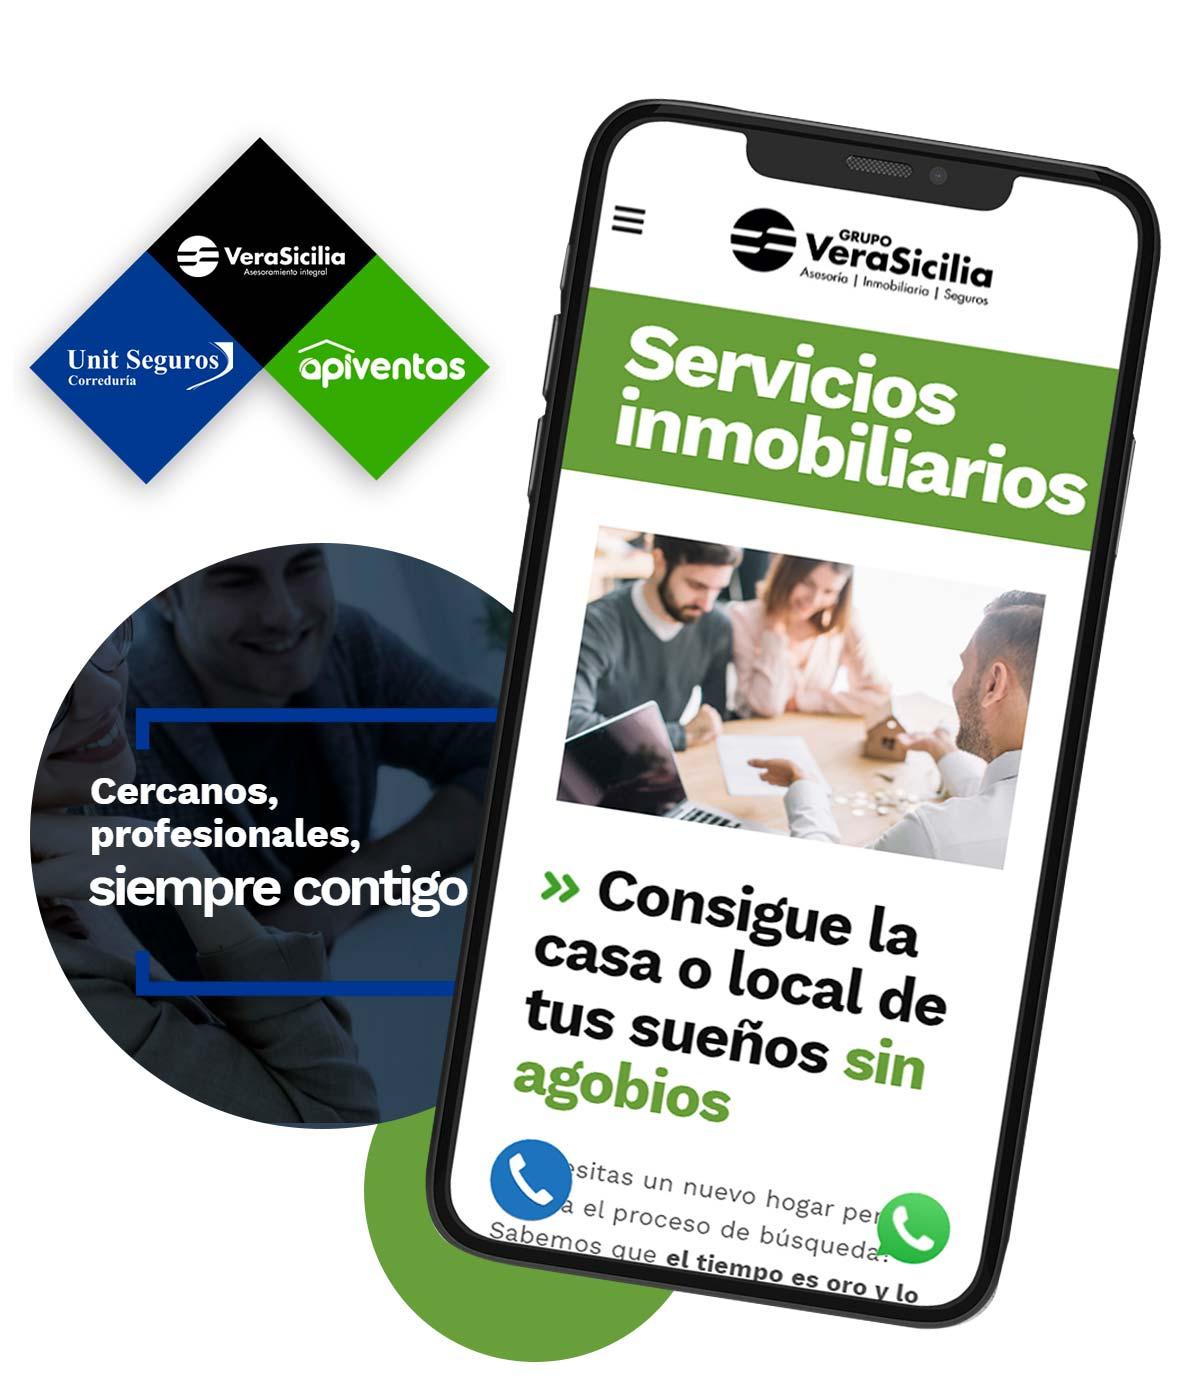 proyecto-vera-sicilia-marketing-digital-2VM